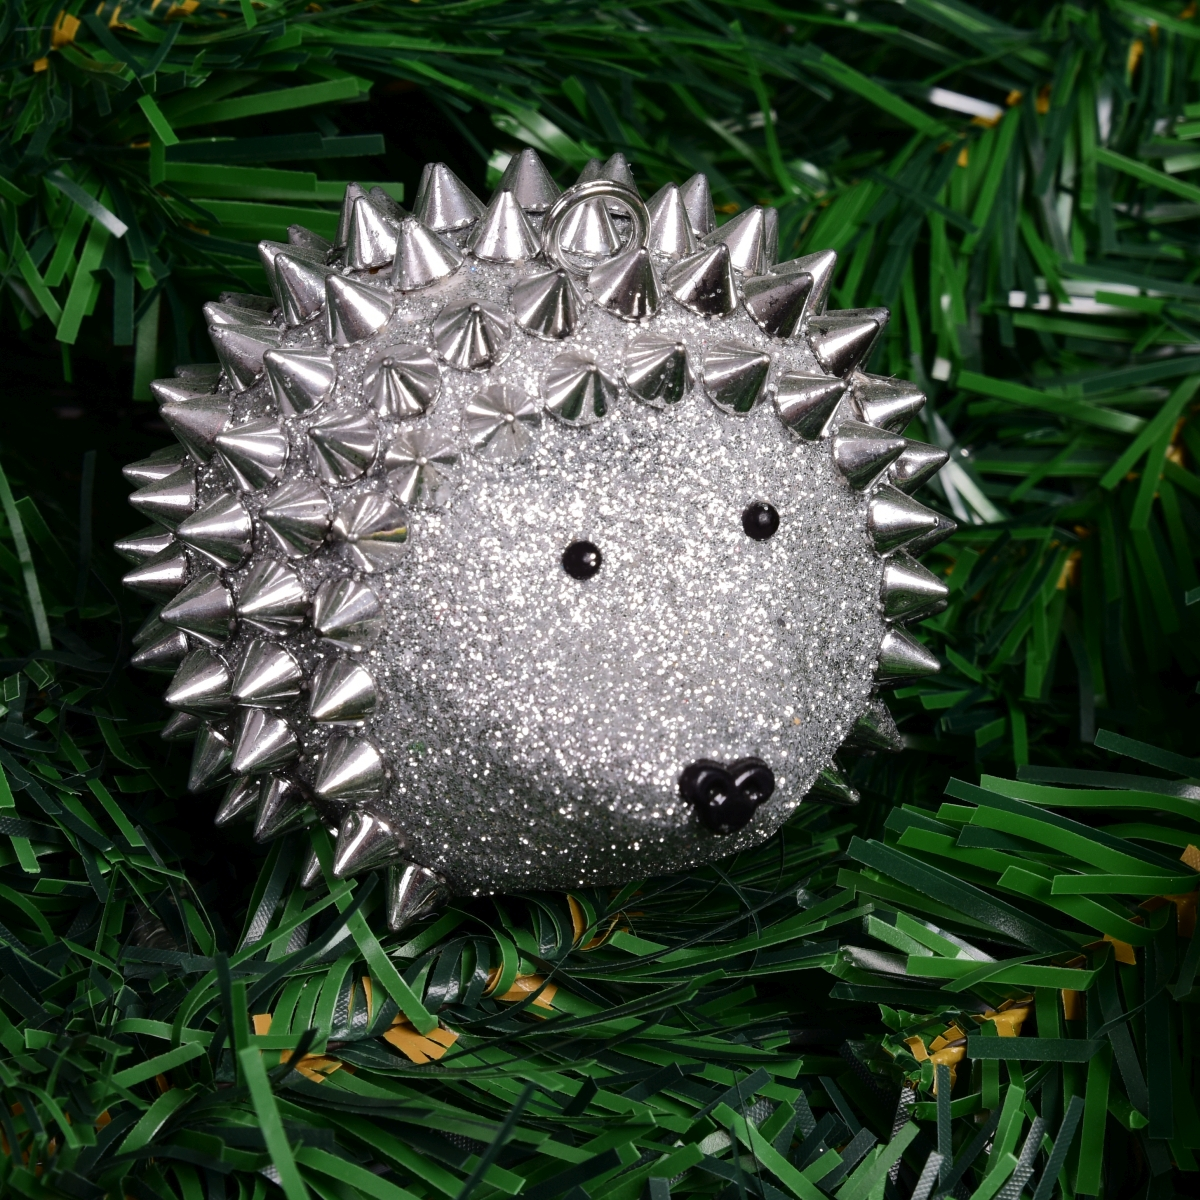 Vánoční ježek stříbrný, bohatě zdobený třpytkami 8 cm